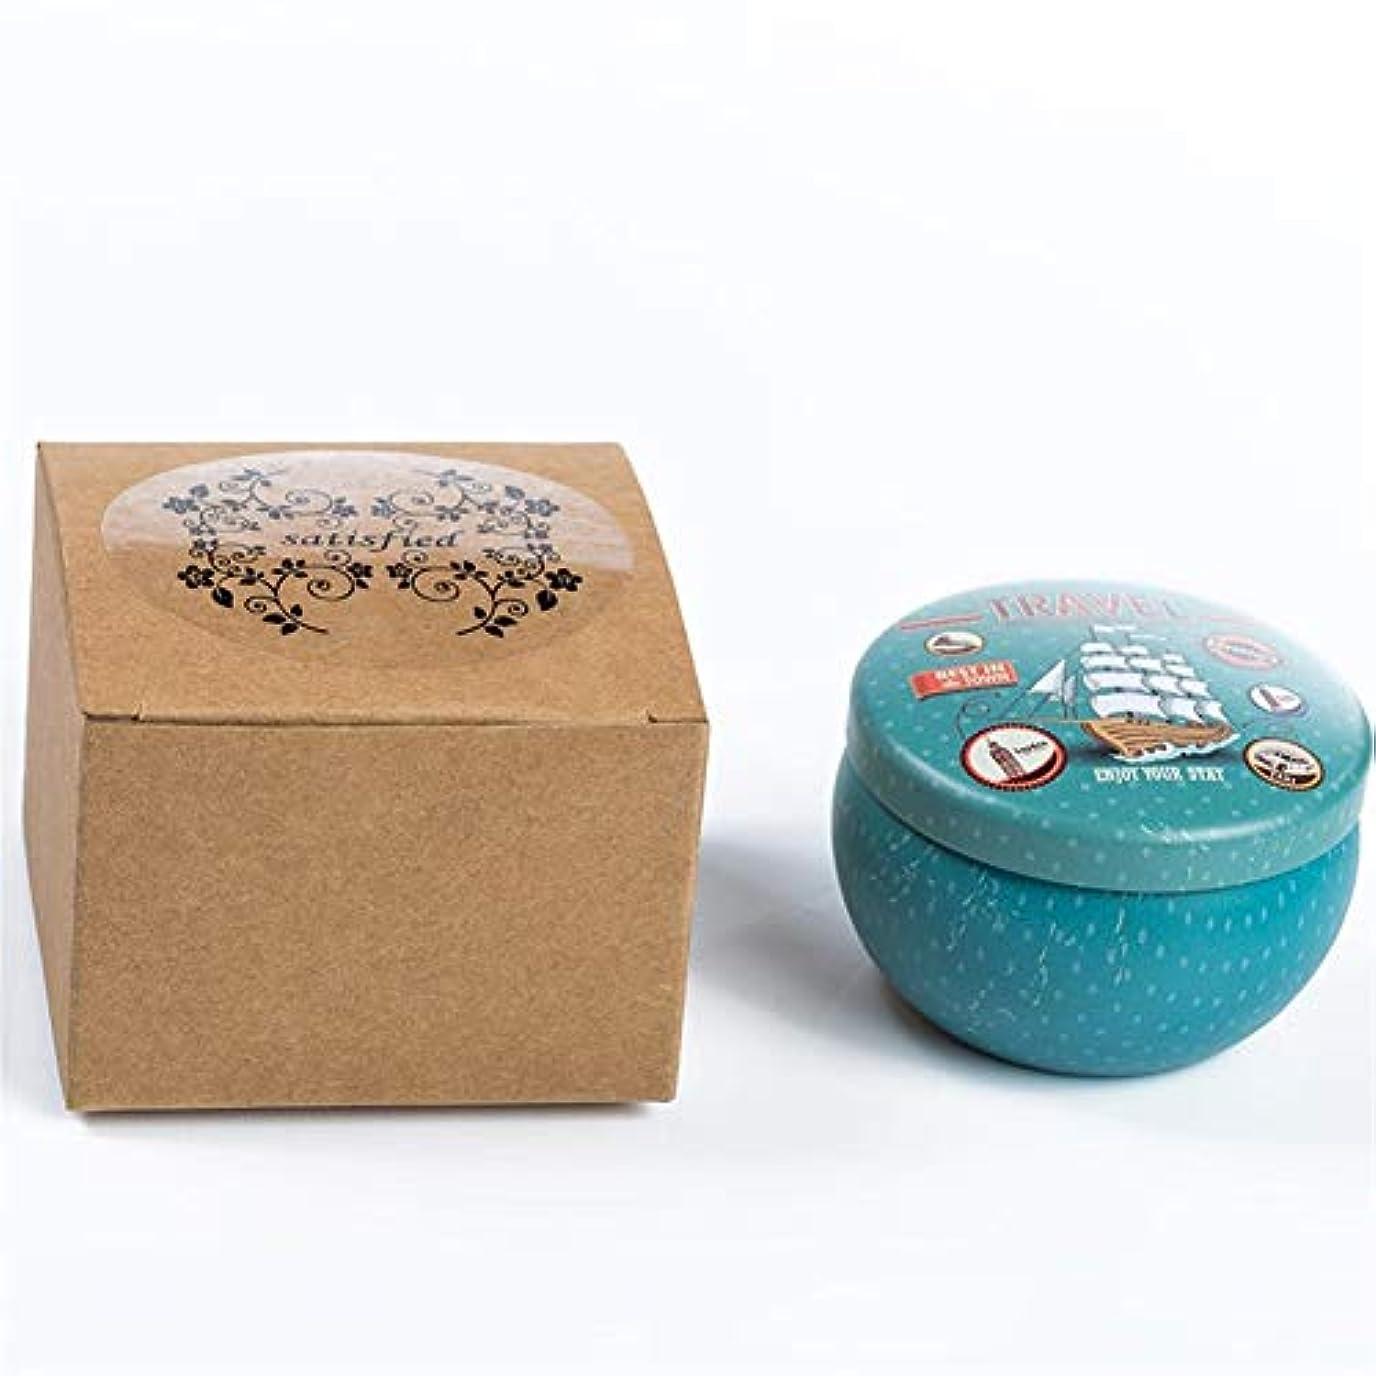 マイル旧正月褐色Guomao 漫画のブリキの箱の香料入りの蝋燭の家のなだめるような睡眠、新しく、快適な臭いがする蝋燭 (色 : Lavender)